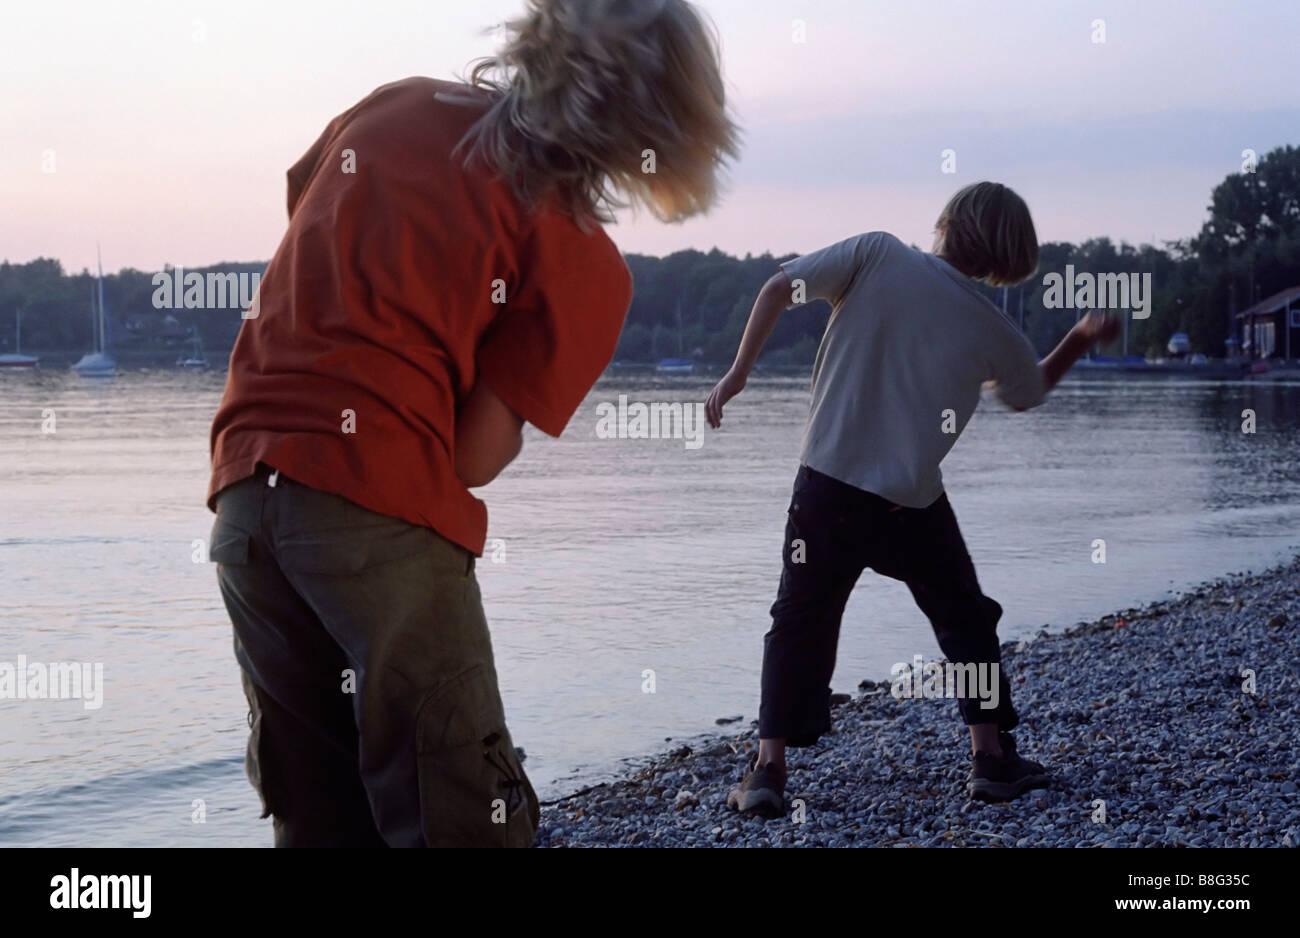 Deux garçons lançant des pierres plates sur la surface de l'eau - intelligence - Jeu - l'amitié - Lac - Crépuscule Banque D'Images